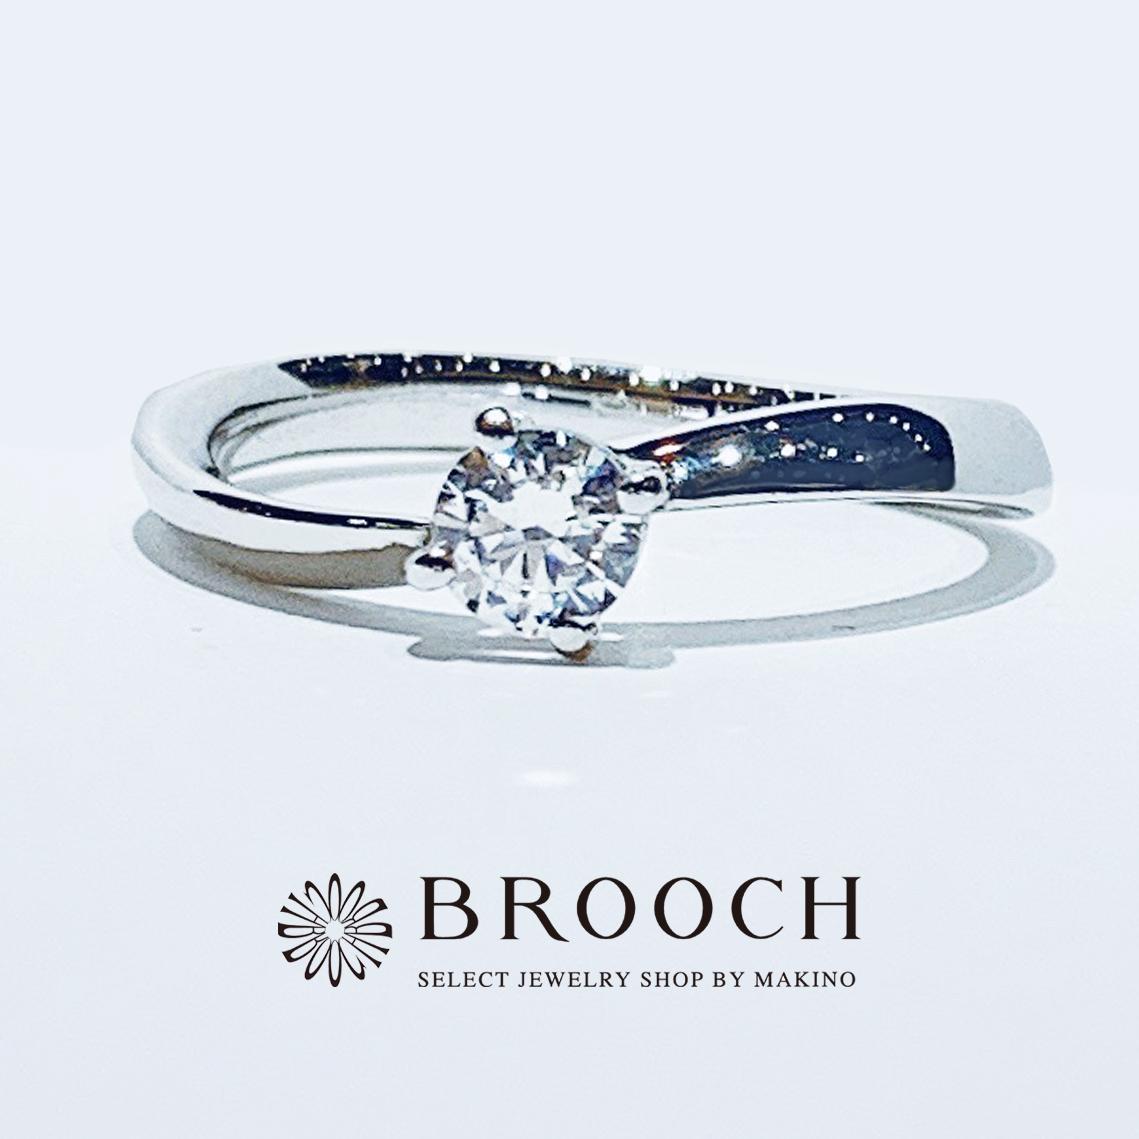 BROOCH 婚約指輪 エンゲージリング シンプル1石ウェーブデザイン